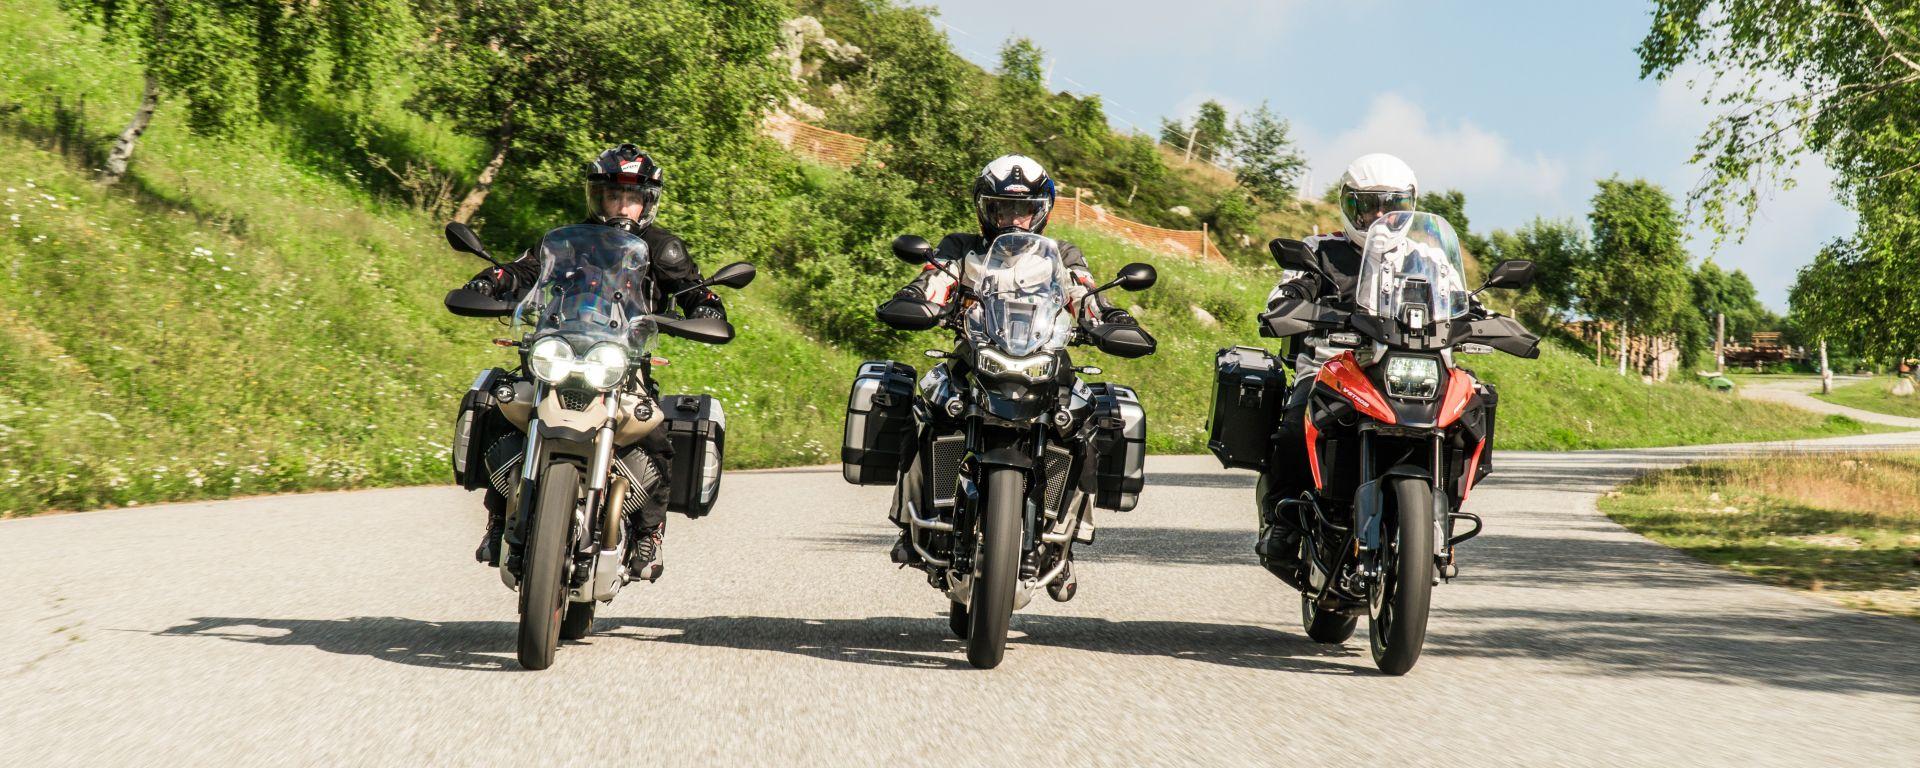 Comparativa enduro stradali da viaggio: Moto Guzzi V85TT Travel, Suzuki V-Strom 1050 XT, Triumph Tiger 900 GT Pro